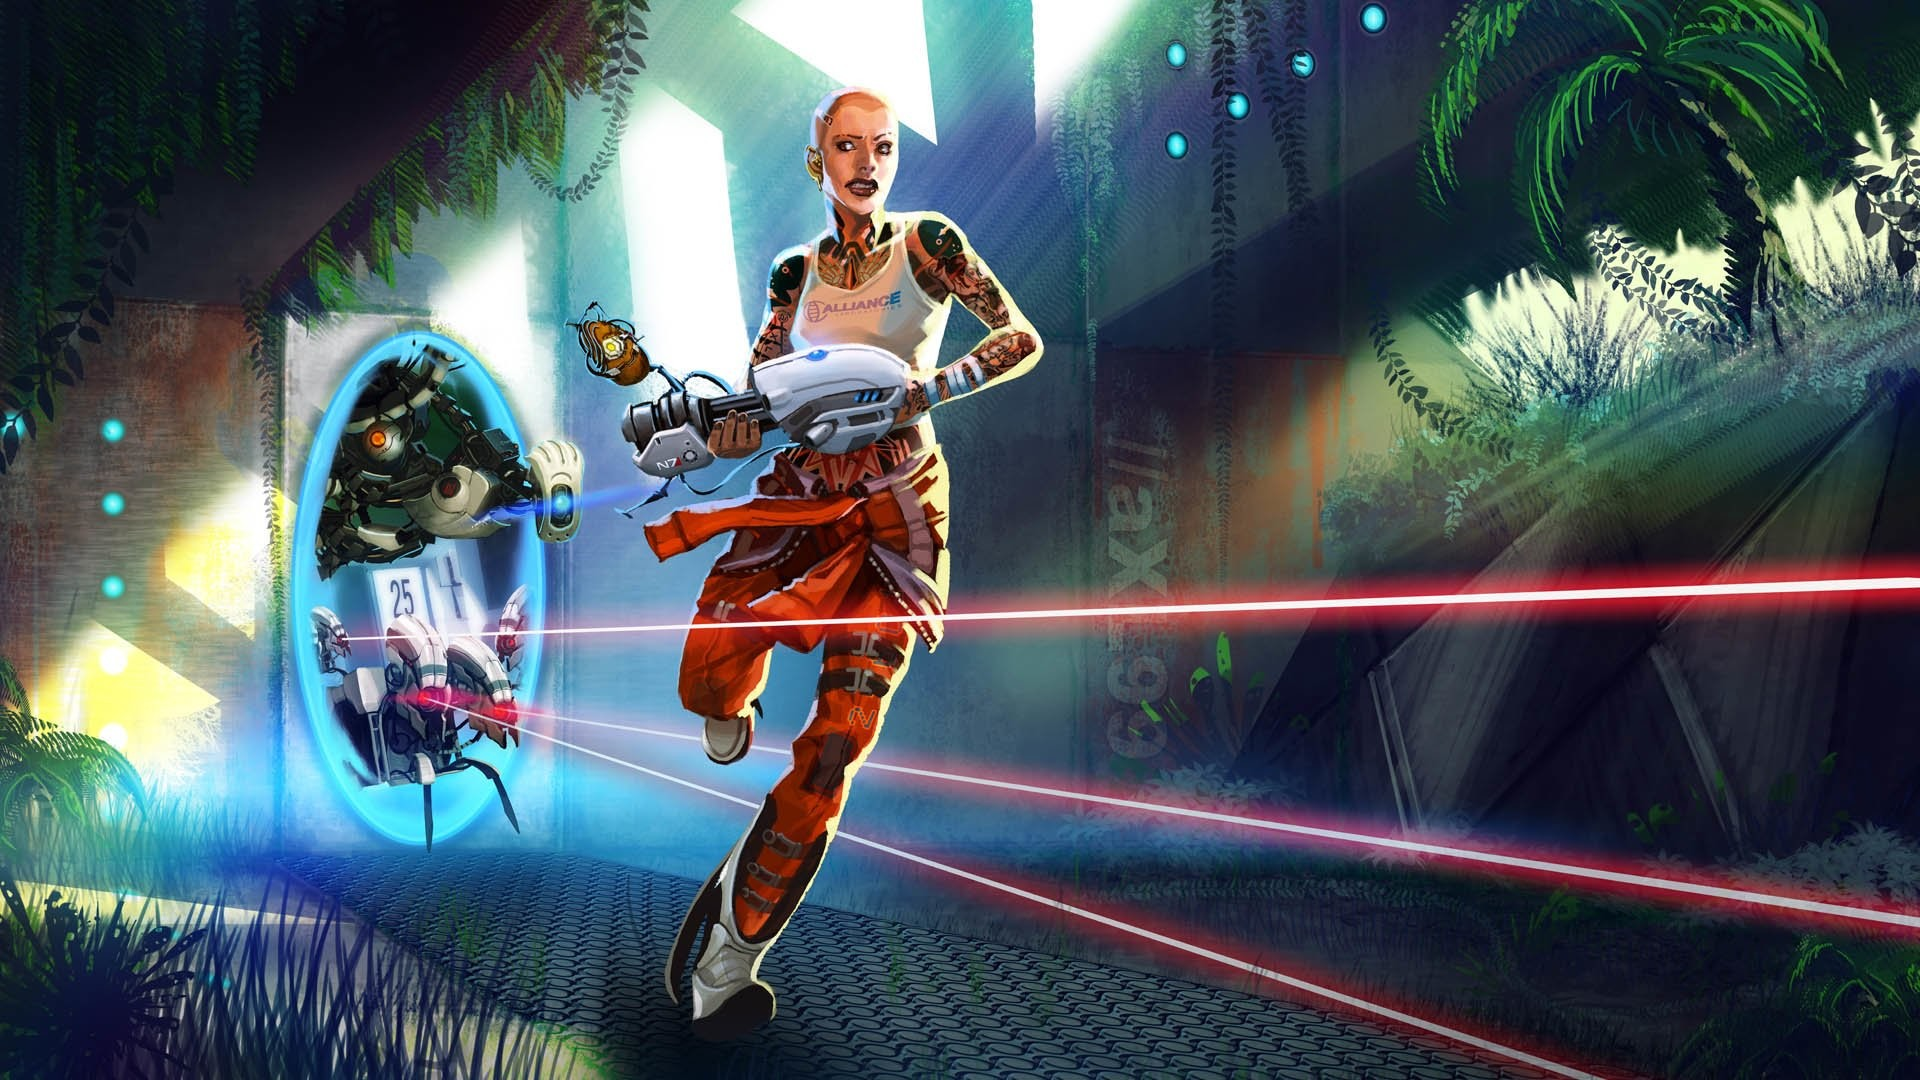 Video Game – Portal 2 Wallpaper